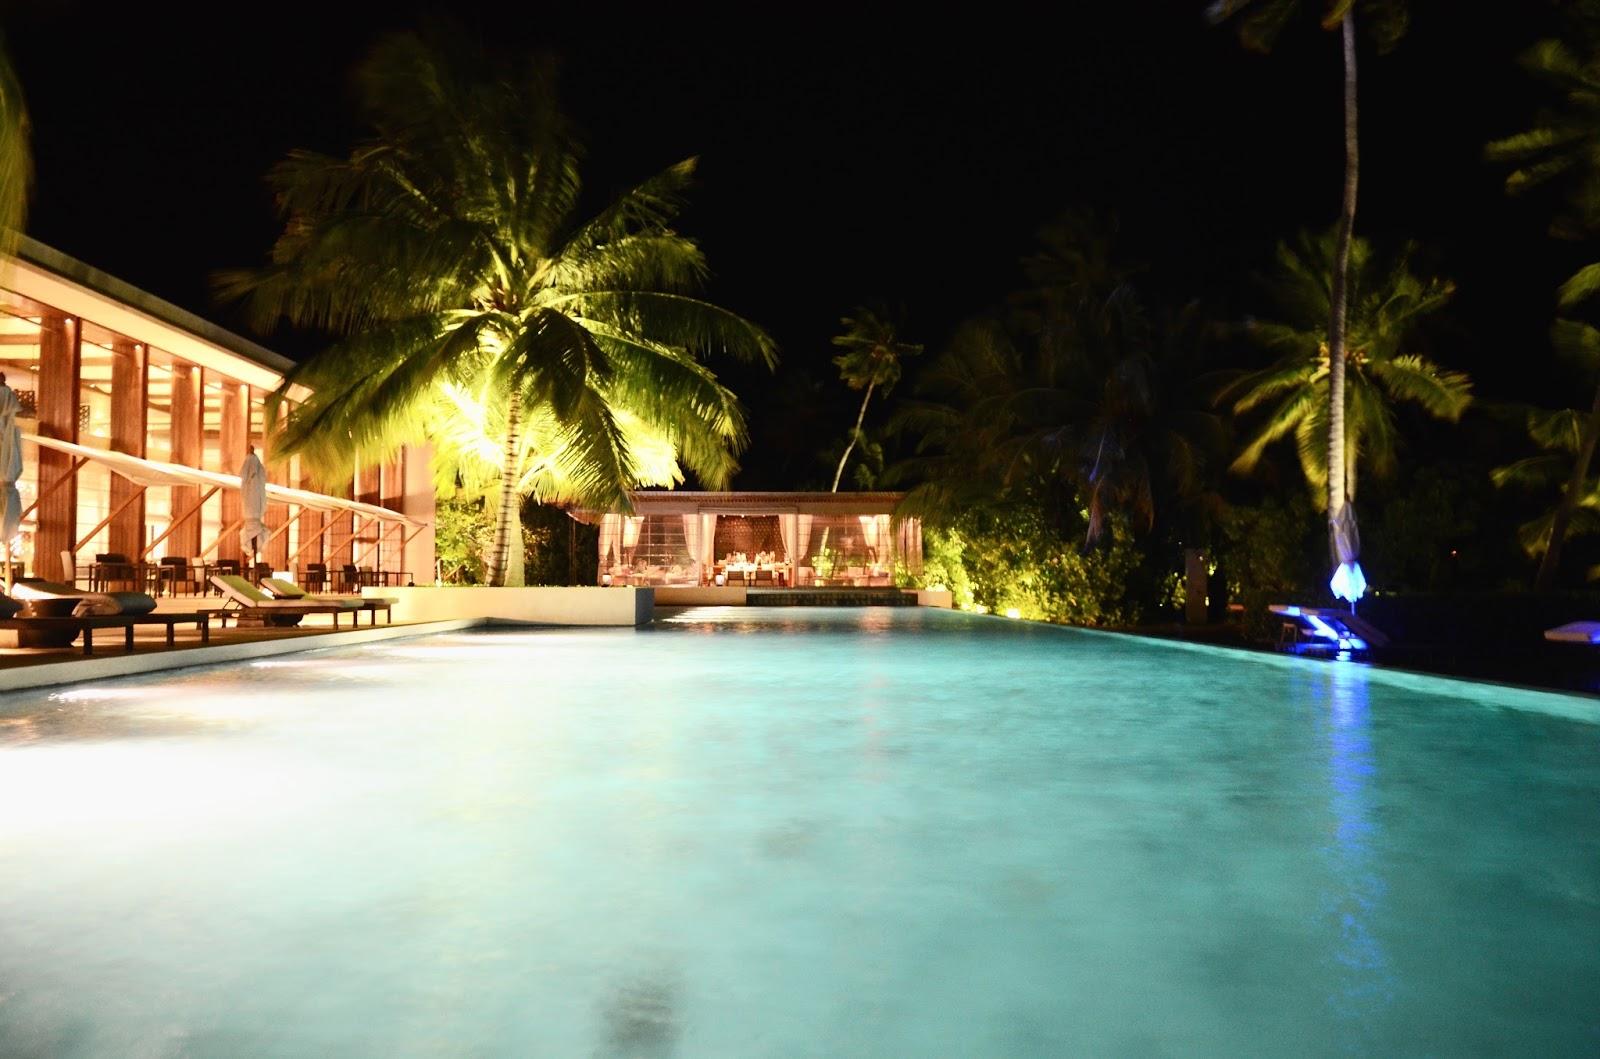 Park Hyatt Maldives, Hadahaa: Part I | By Georgia Grace